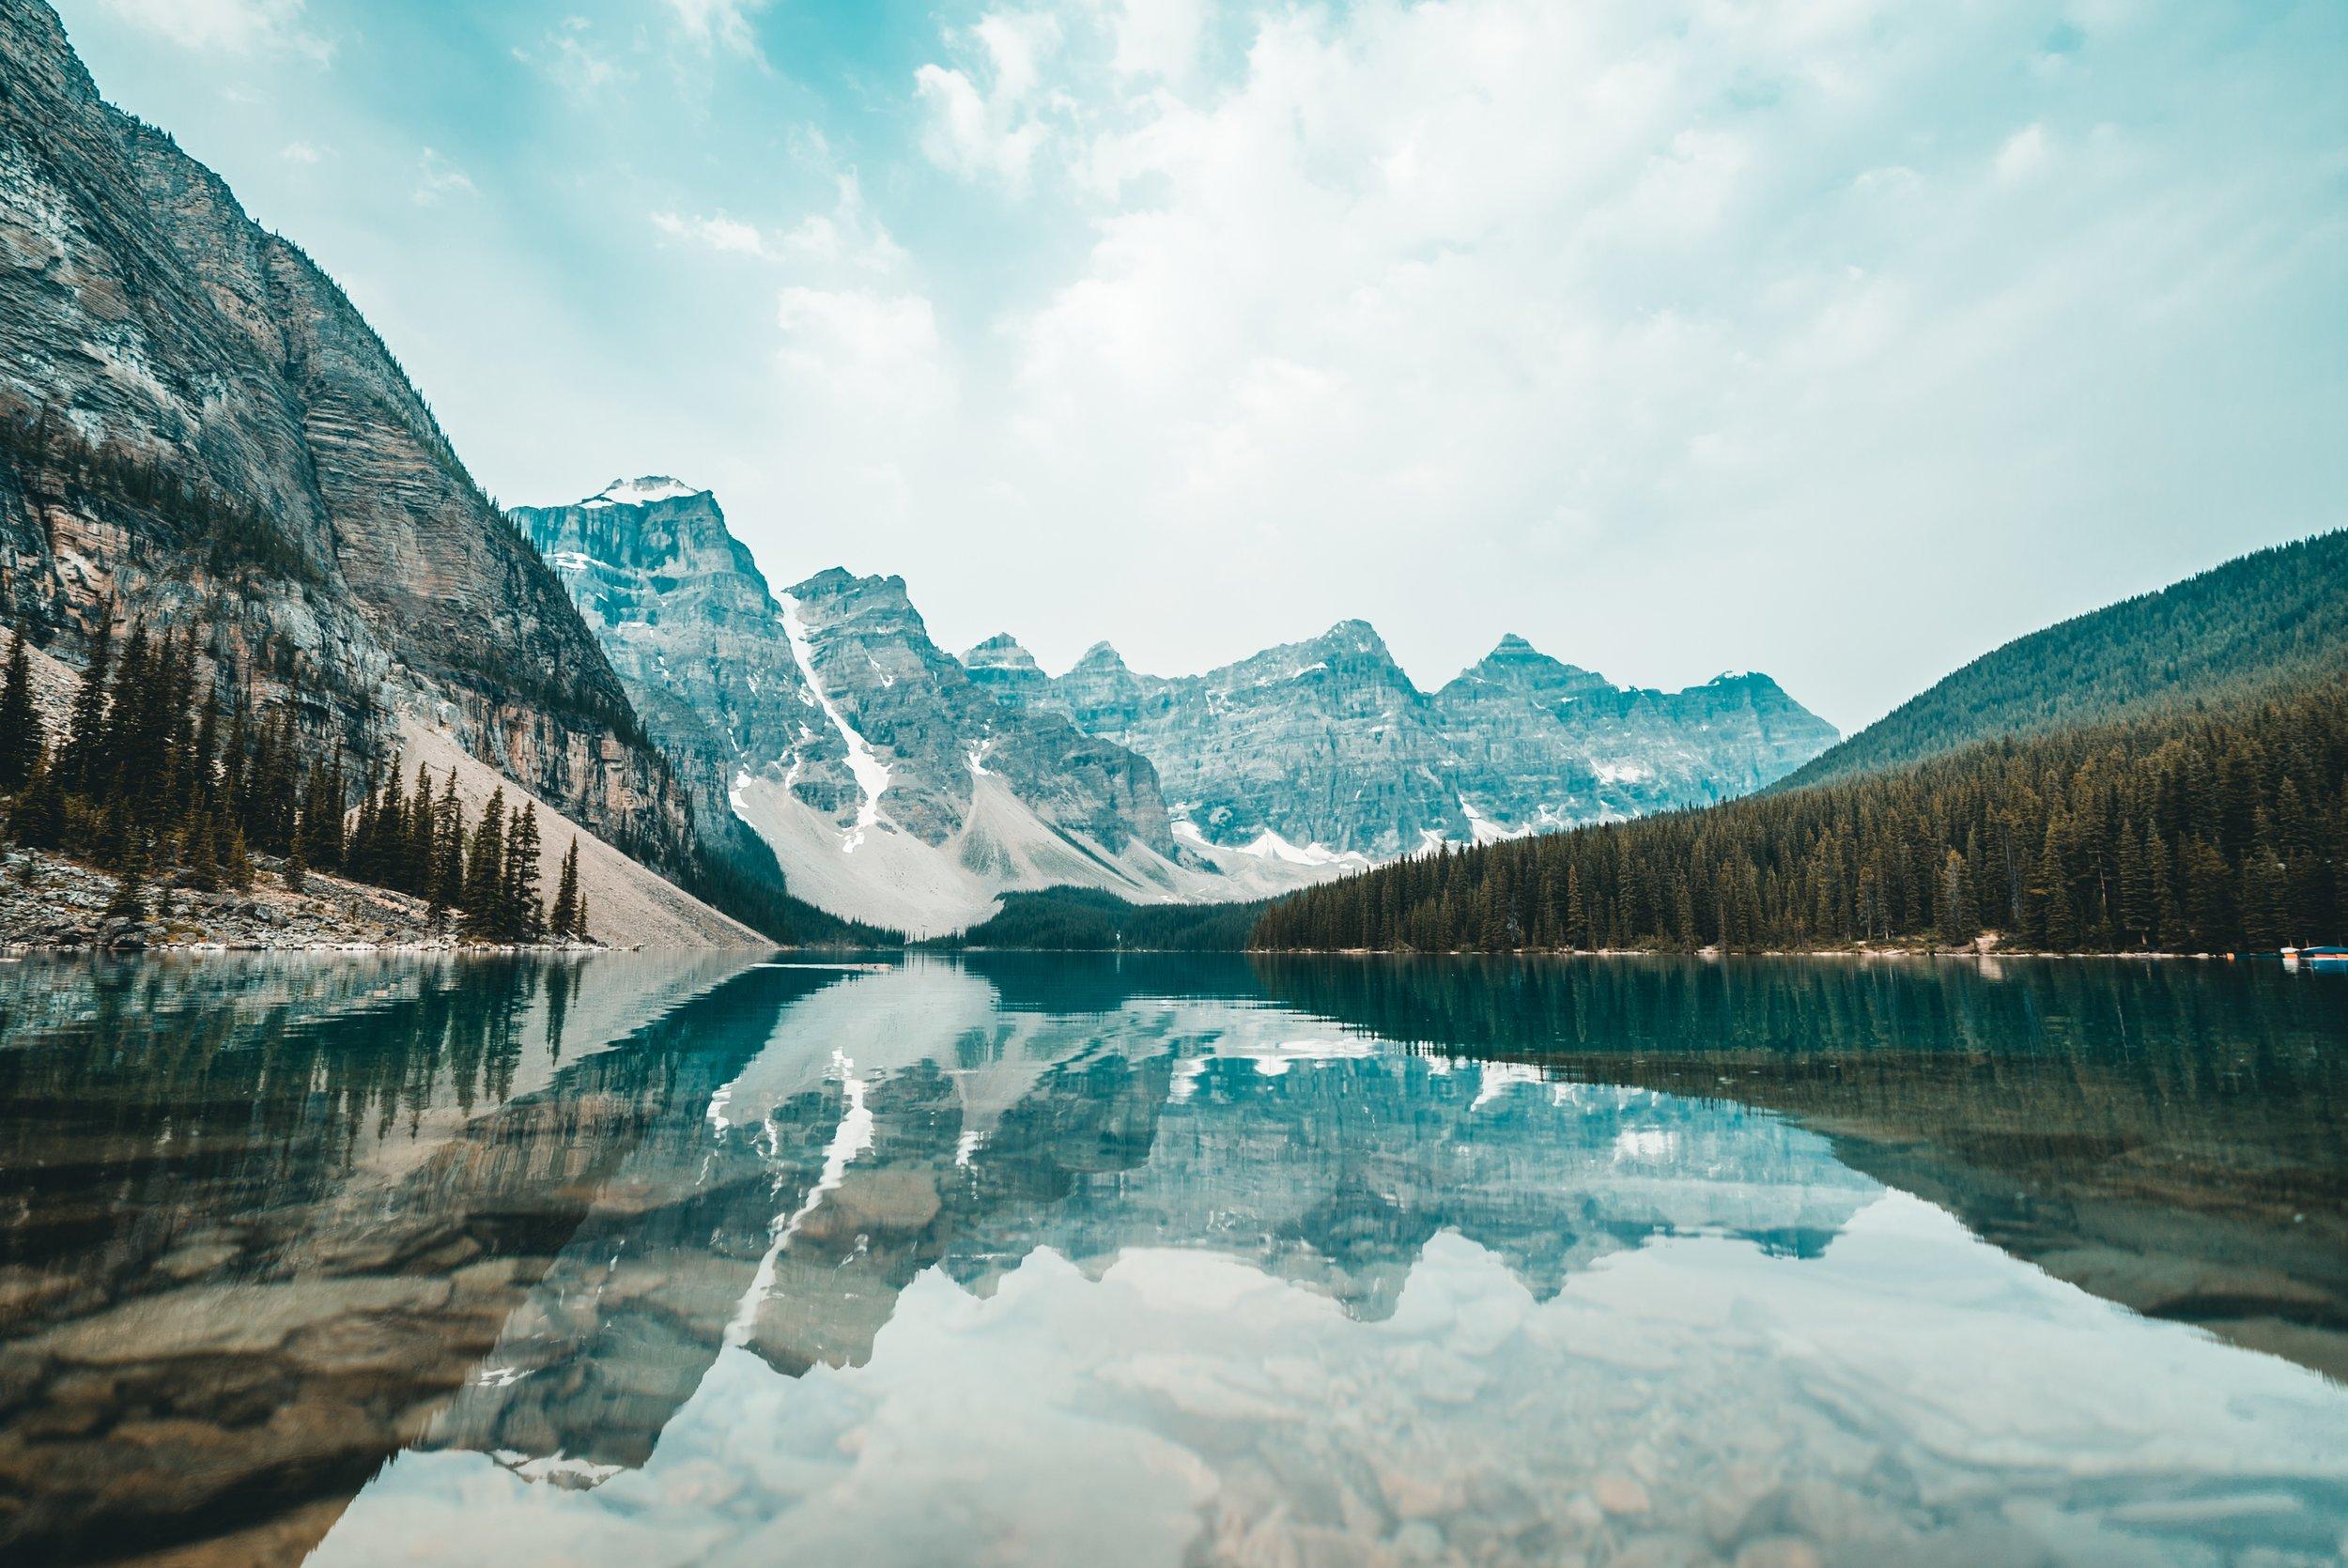 Canada - Emerald Lakes